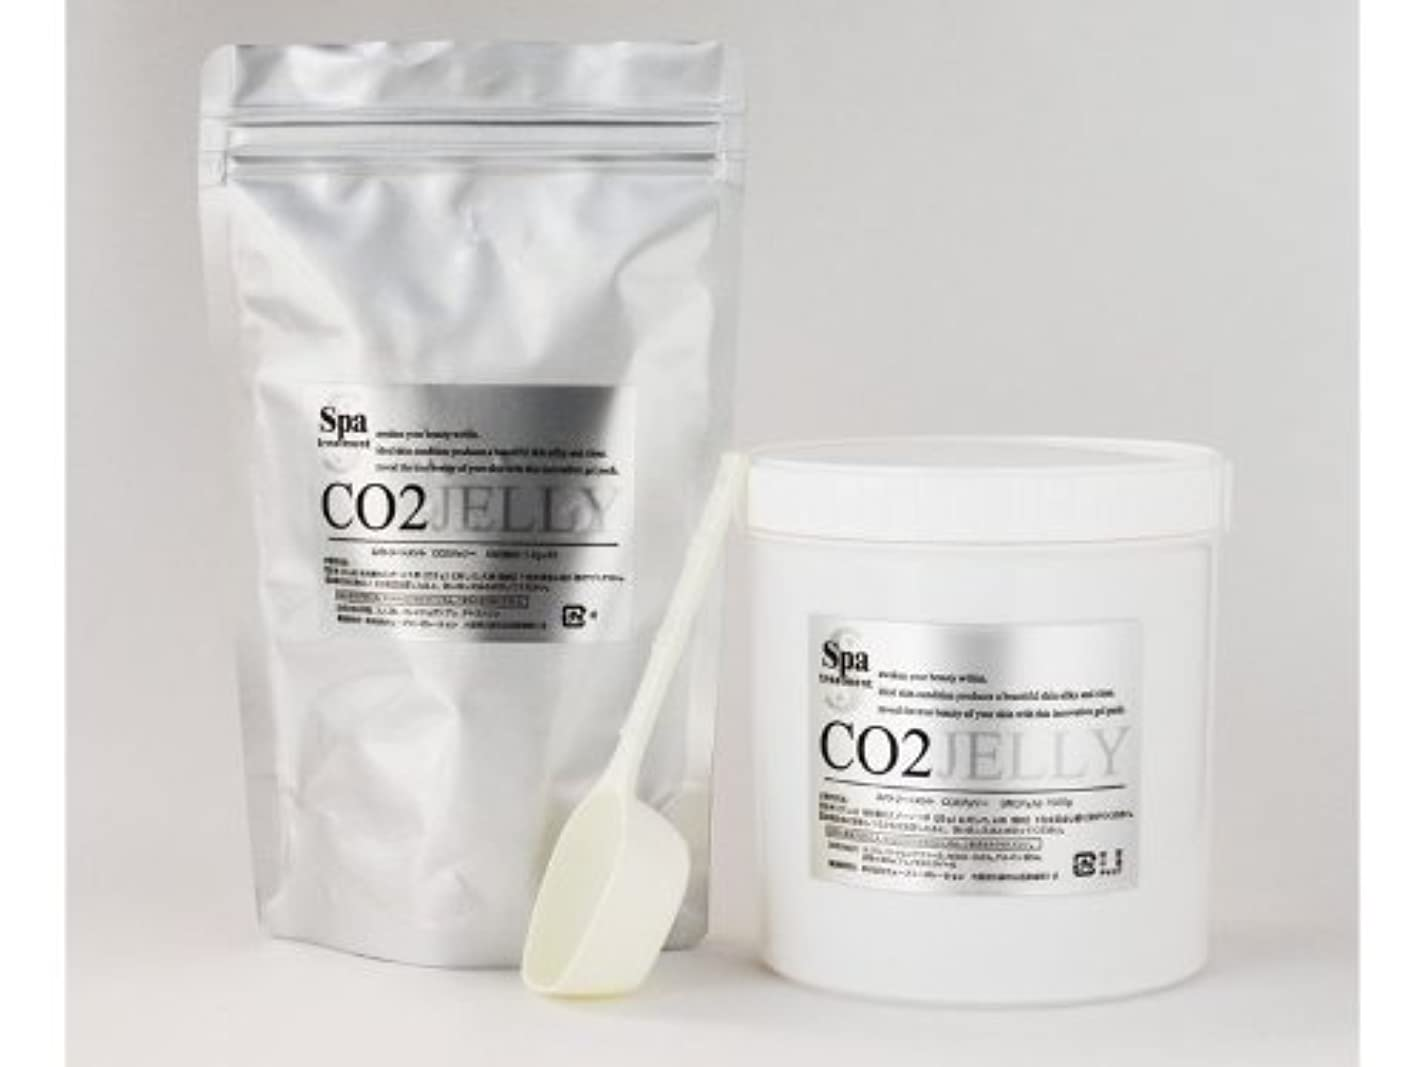 対応ラフレシアアルノルディアルバムスパトリートメント CO2ジェリー 業務用  40回分